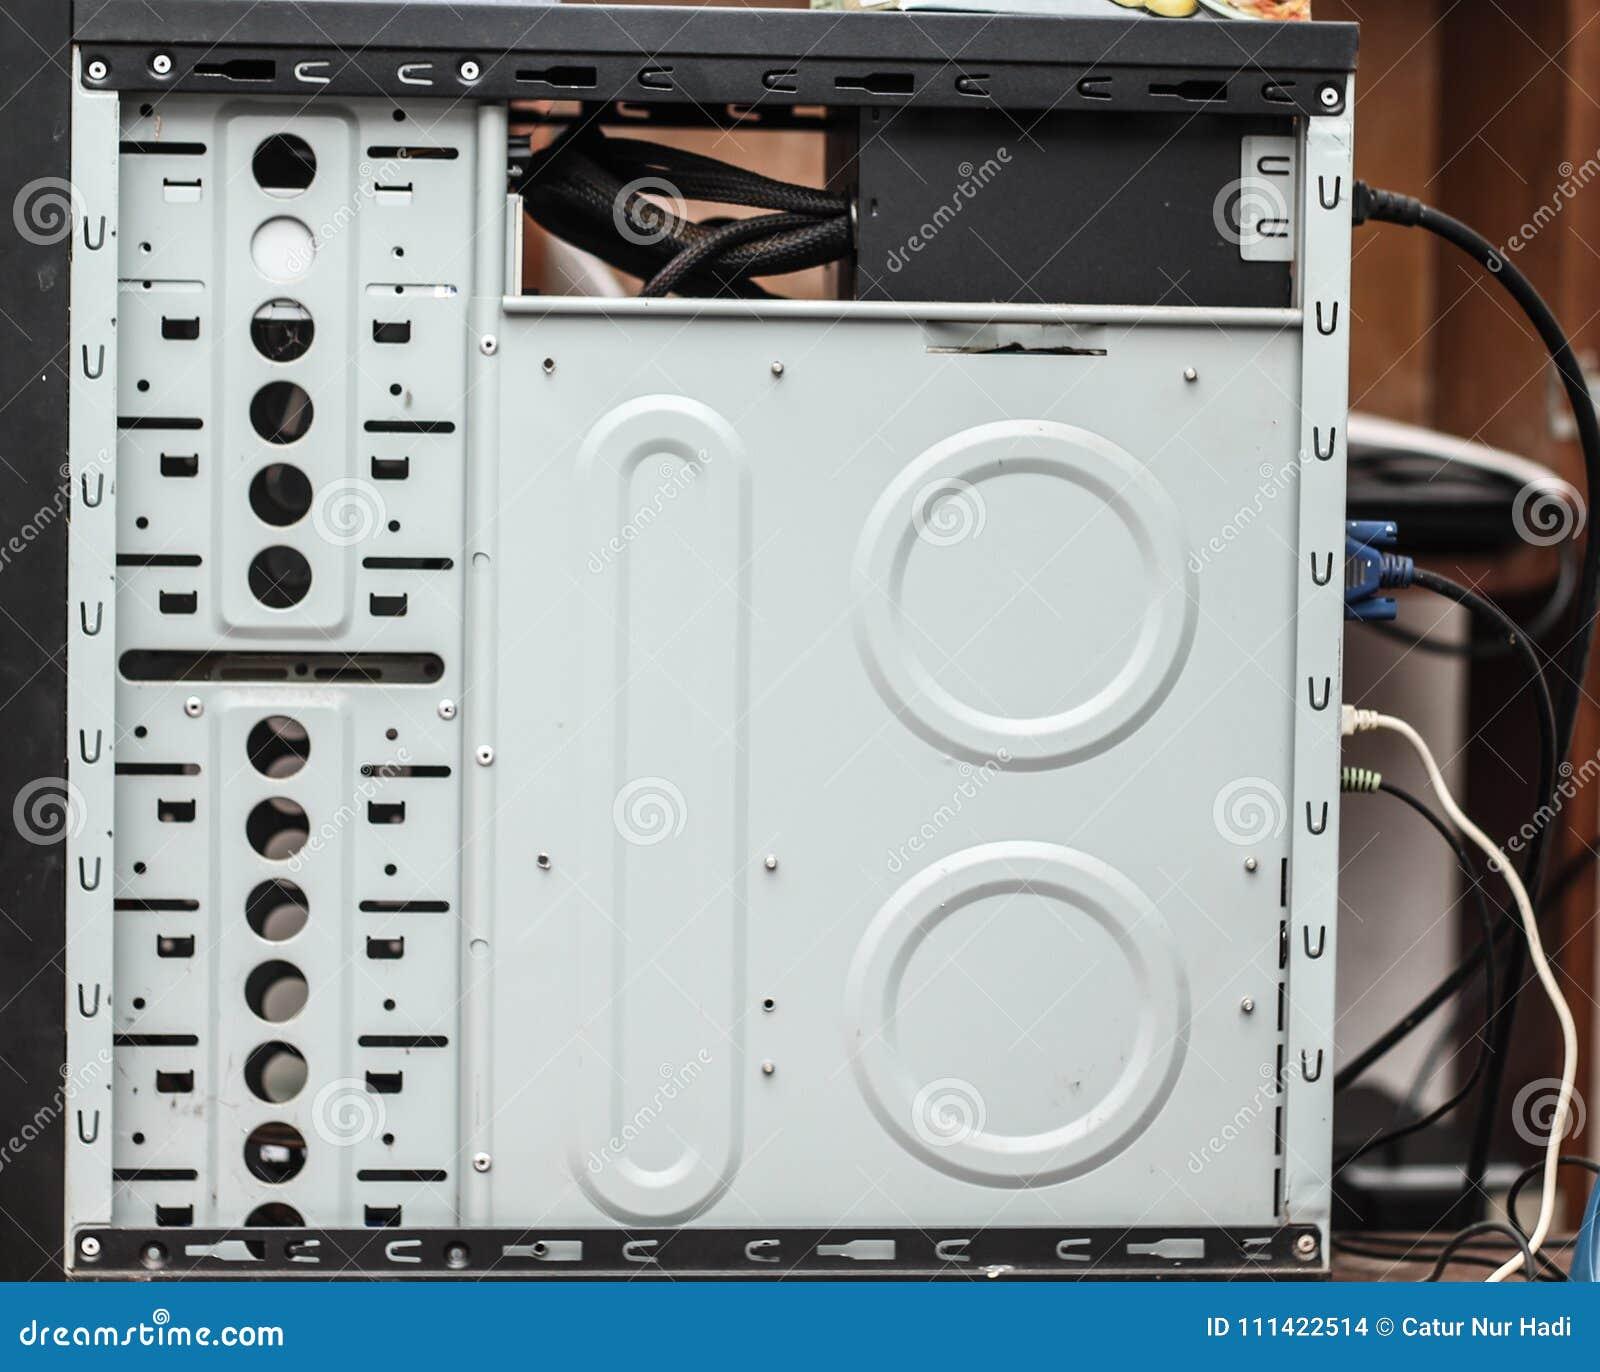 Εσωτερικό μέρος του περιβλήματος υπολογιστών Θέσεις για την εγκατάσταση των σκληρών δίσκων και των στερεάς κατάστασης κινήσεων στ